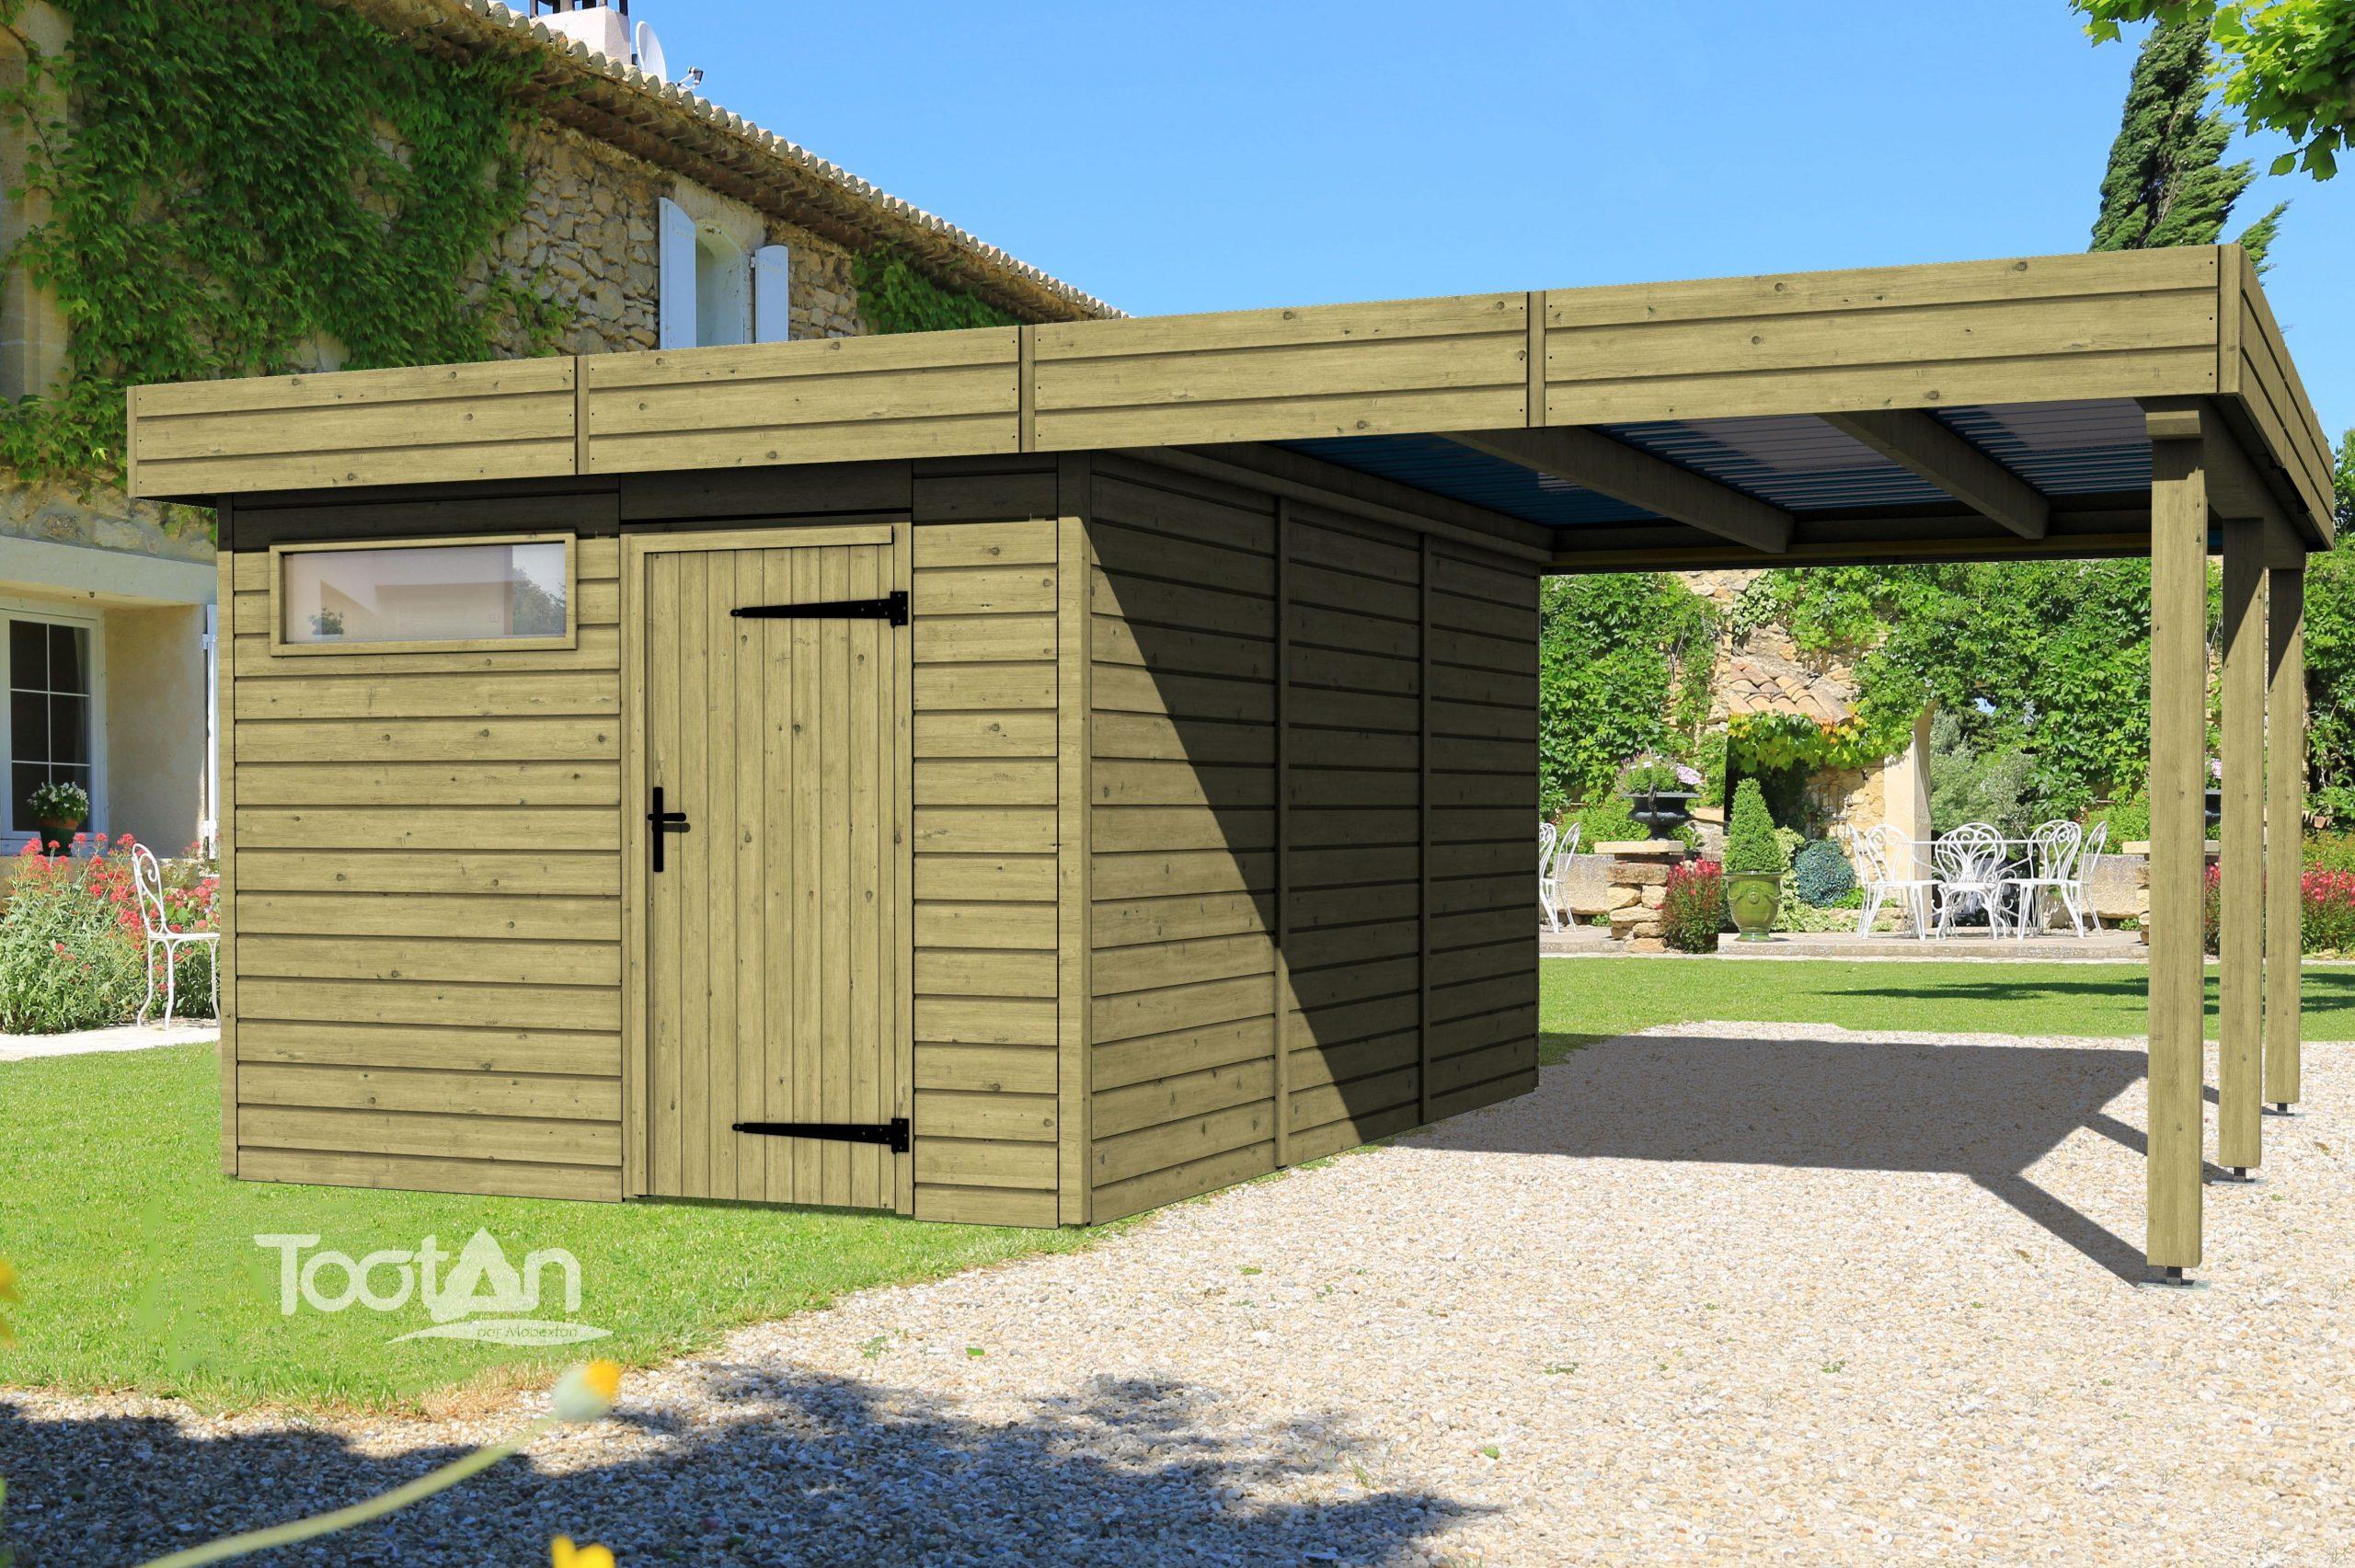 Abris De Jardin - Abri Toit Plat + Carport | Tootan (Avec ... encequiconcerne Abri De Jardin Vannes